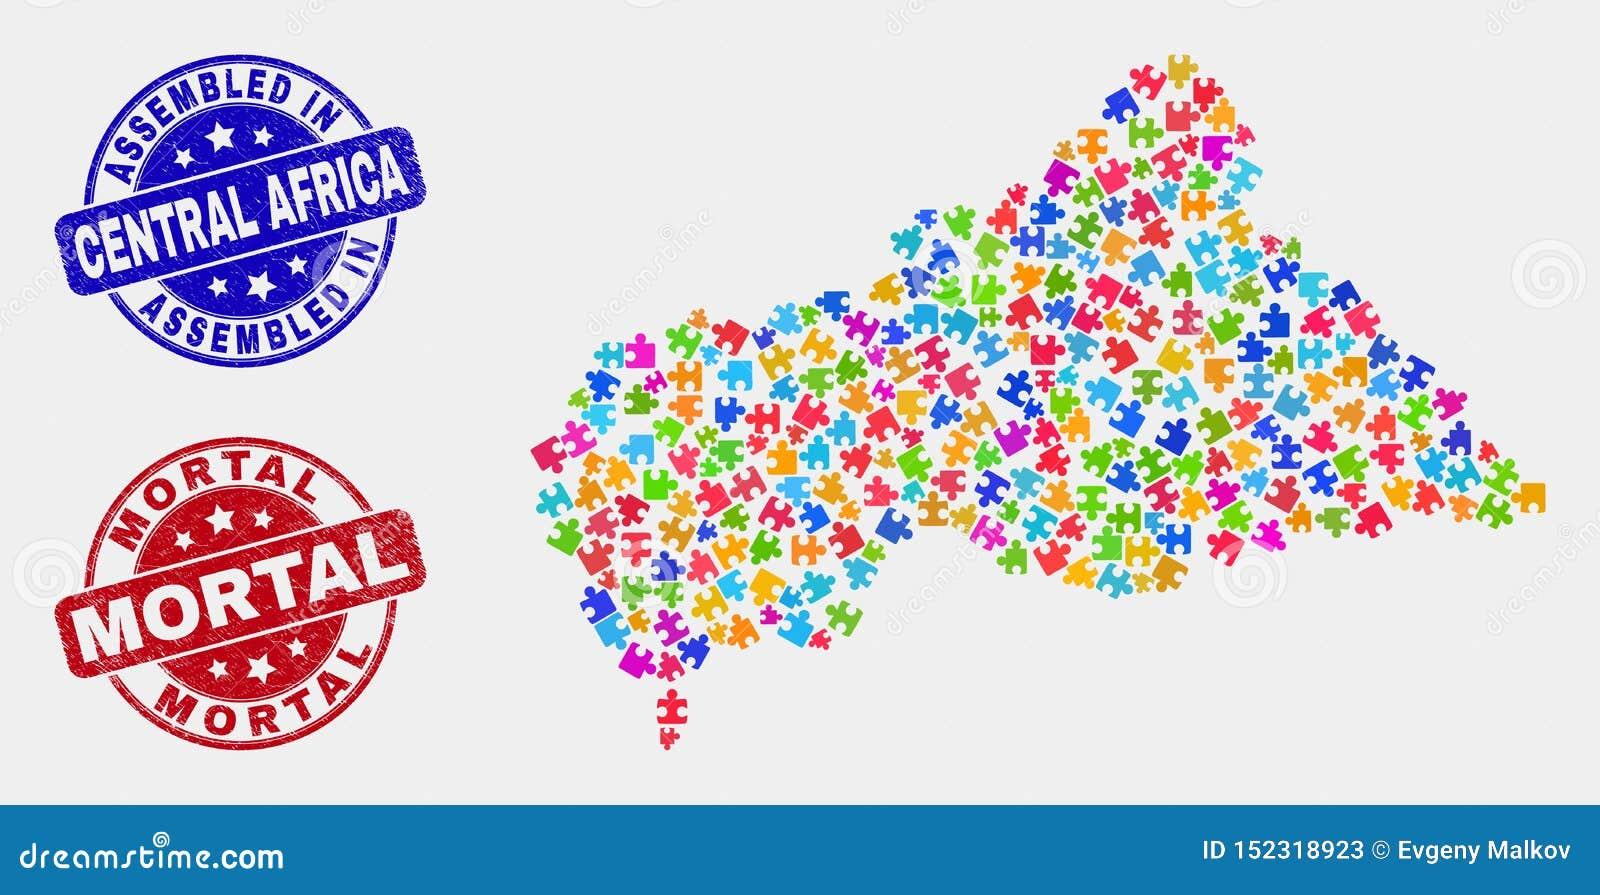 De Geassembleerde Kaart van de bundelcentraalafrikaanse republiek en Nood en Dodelijke Zegelverbindingen